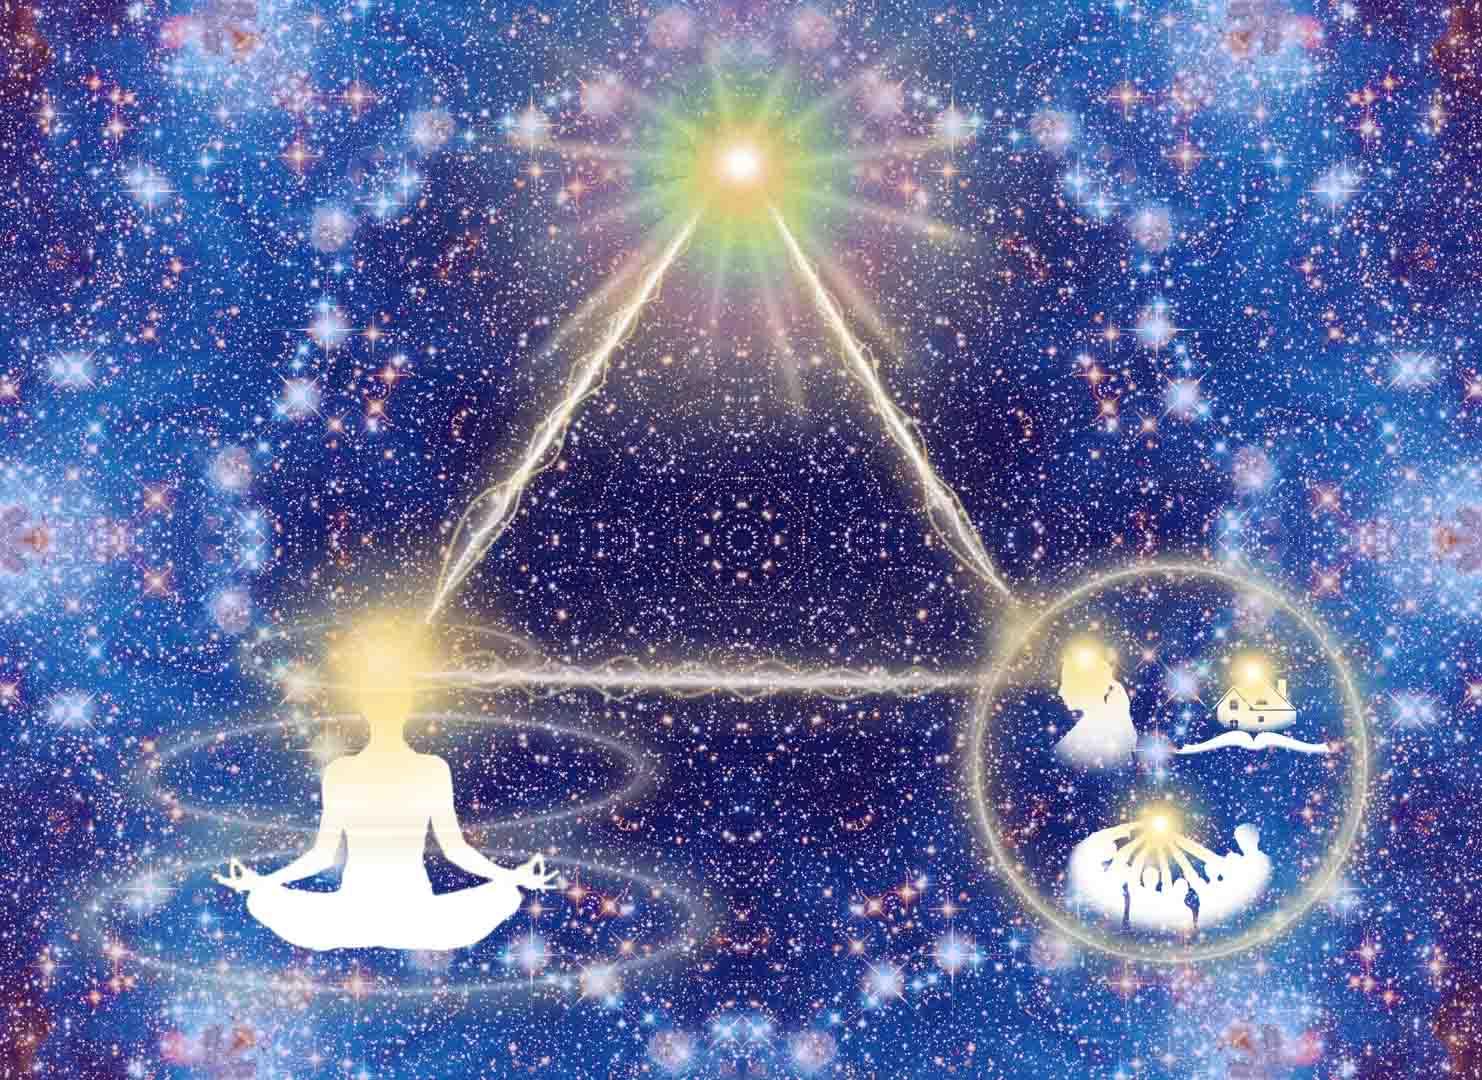 Нужны привлекательные иллюстрации к практике ТриНити фото f_5615b571983803a3.jpg